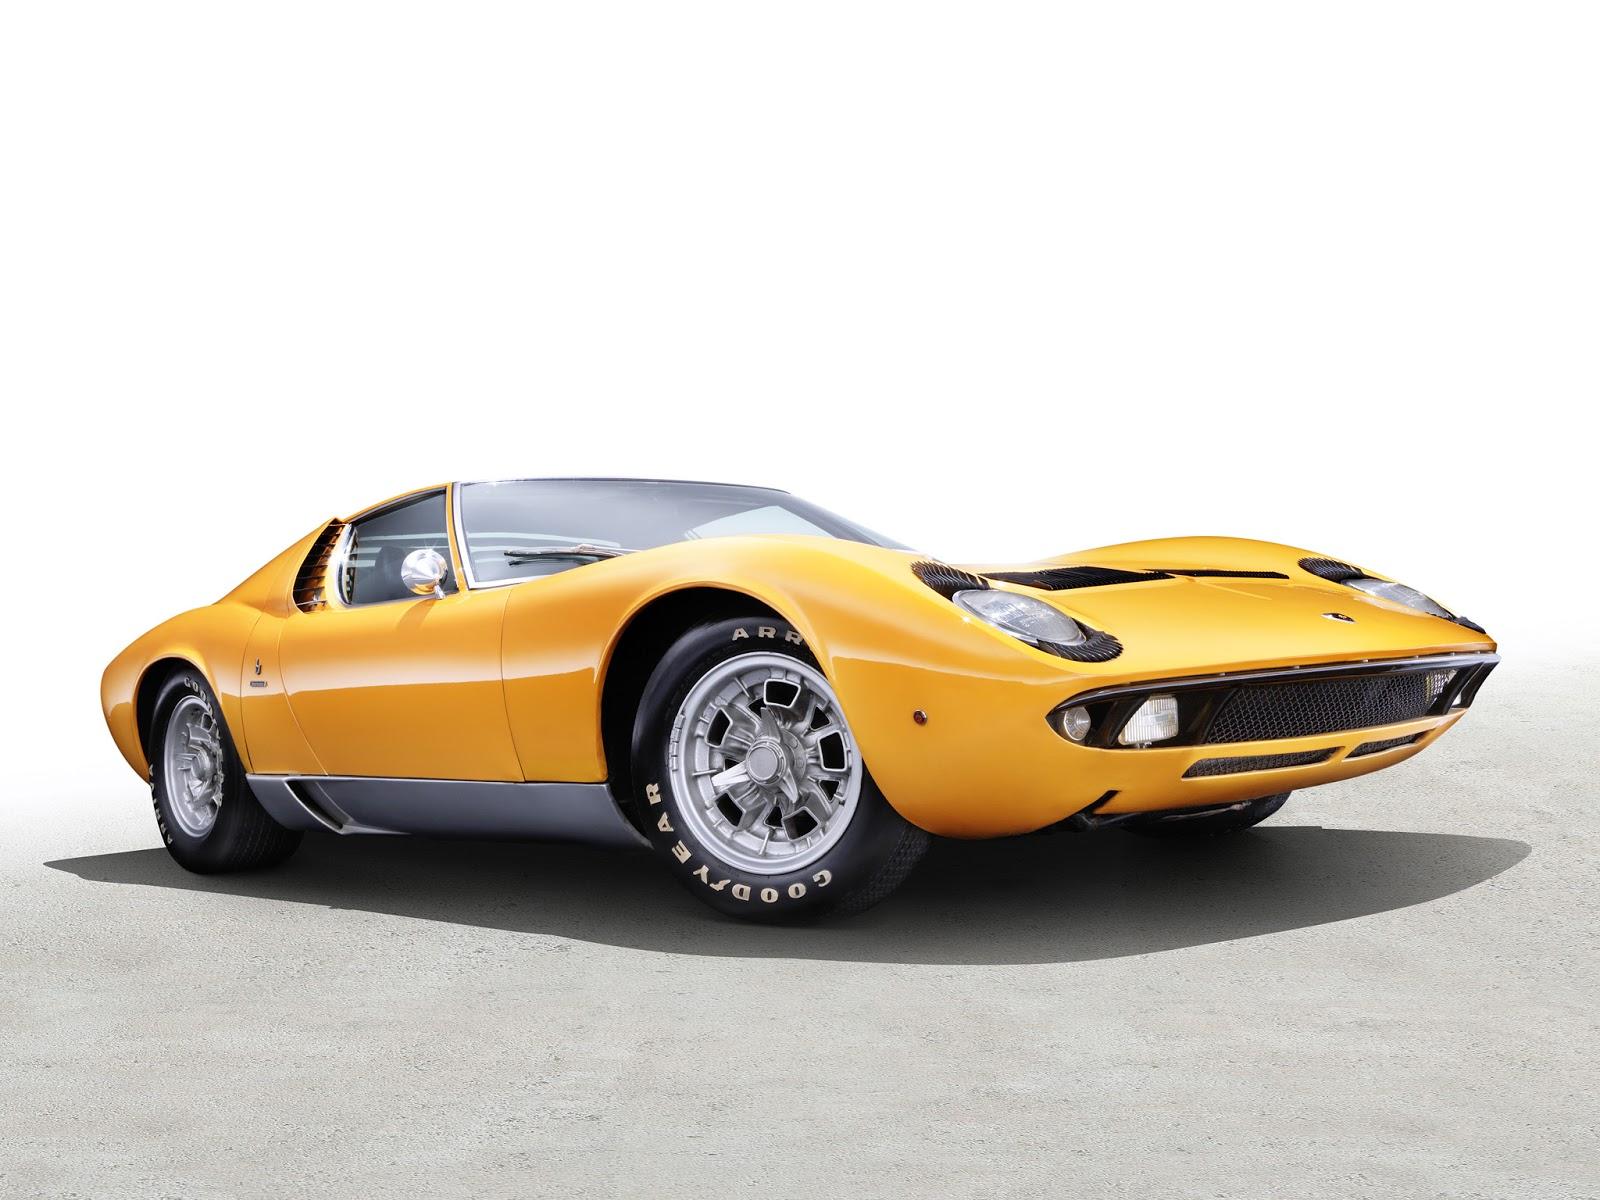 1966 Italia - Lamborghini Miura P 400 - Designer Marcello Gandini per -2.bp.blogspot.com